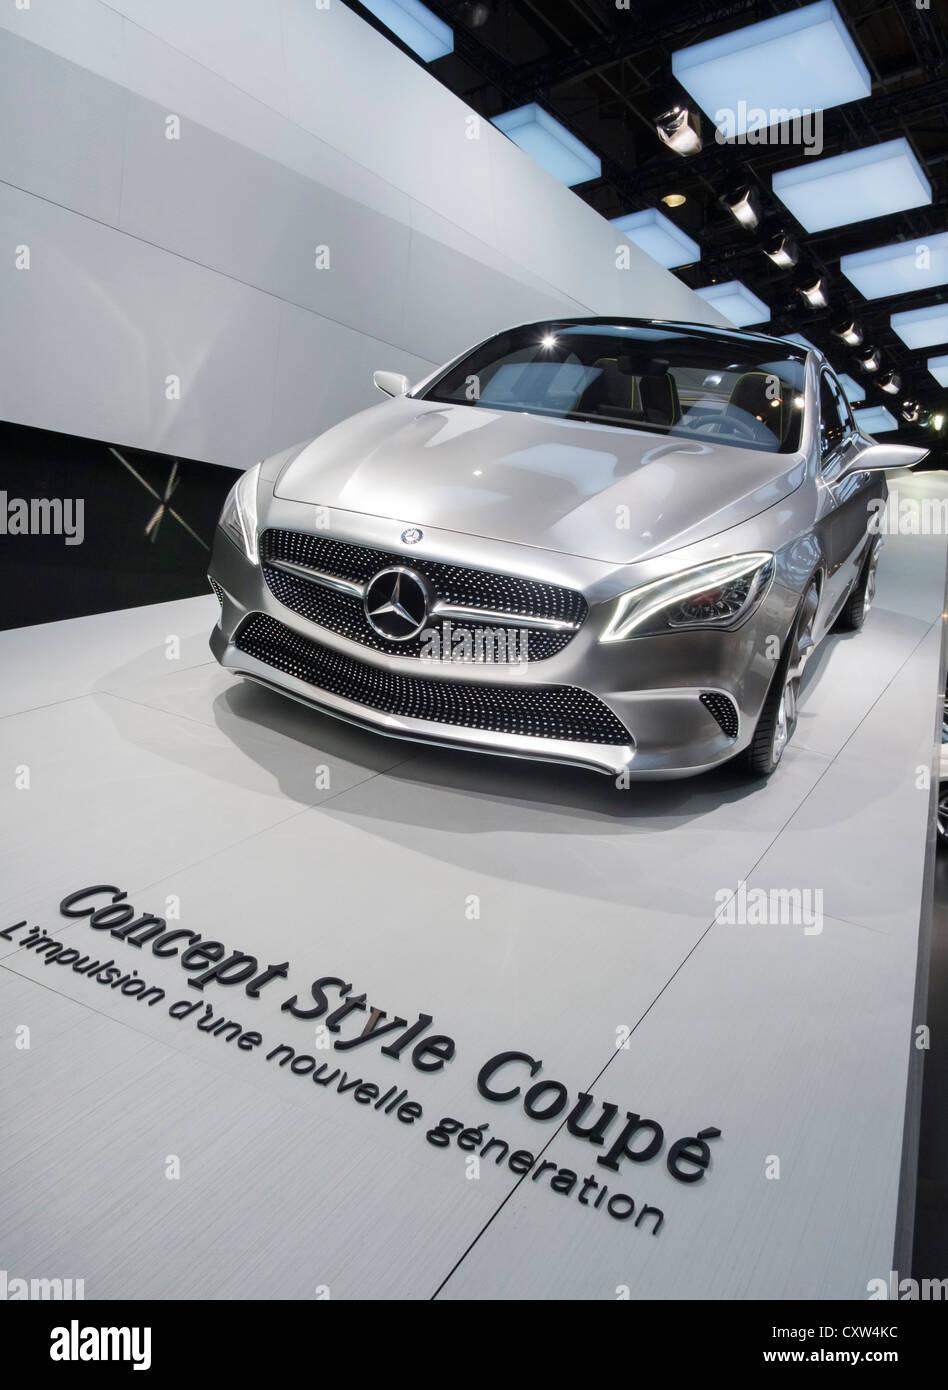 Nuevo concepto de Mercedes Benz Style Coupe en exhibición en Paris Motor Show 2012 Imagen De Stock